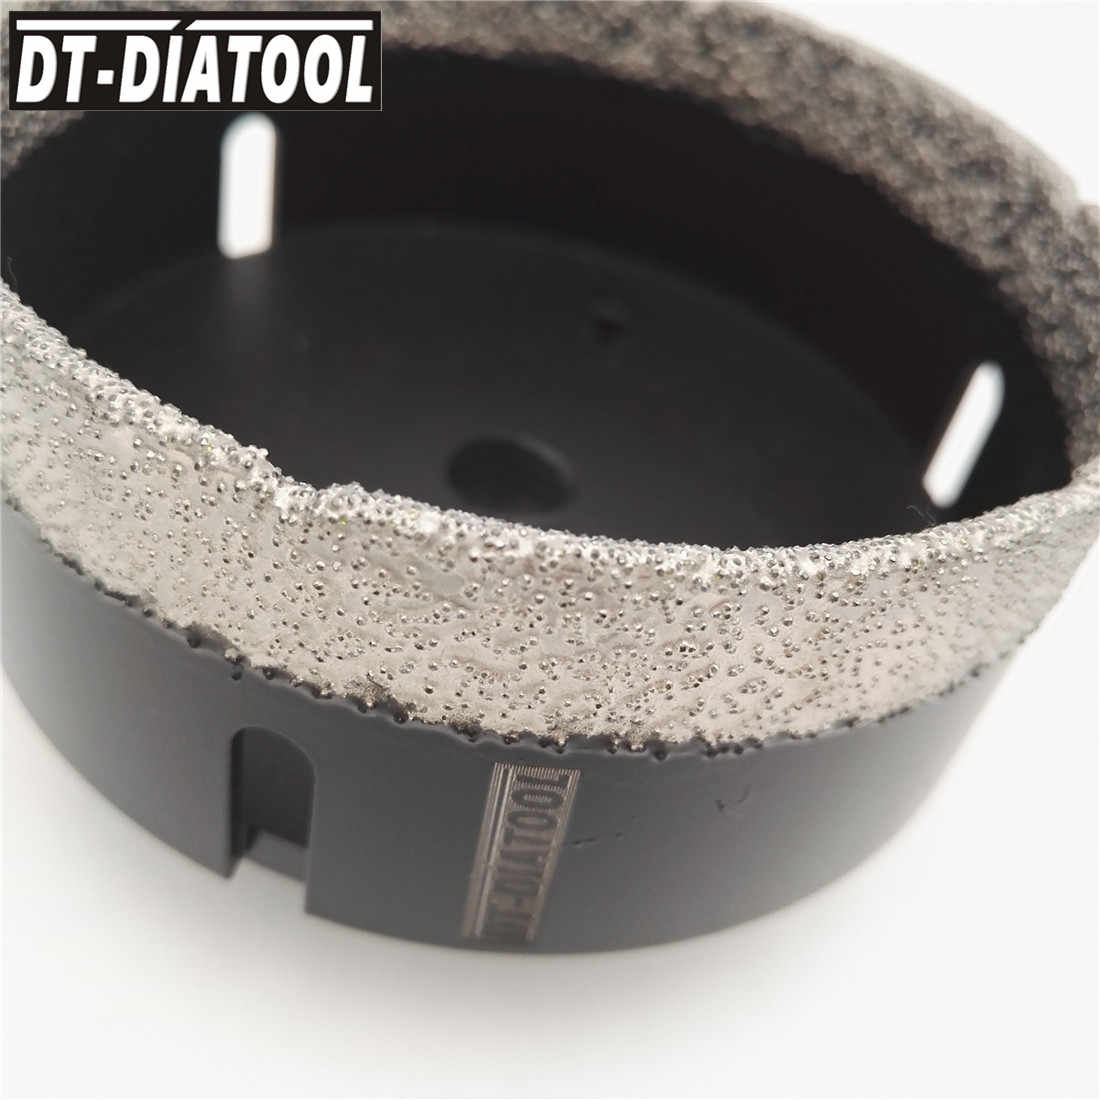 DT-DIATOOL 1pc vácuo seco soldadas diamante brocas de núcleo de perfuração cerâmica telha buraco viu brocas de mármore granito com rosca m14